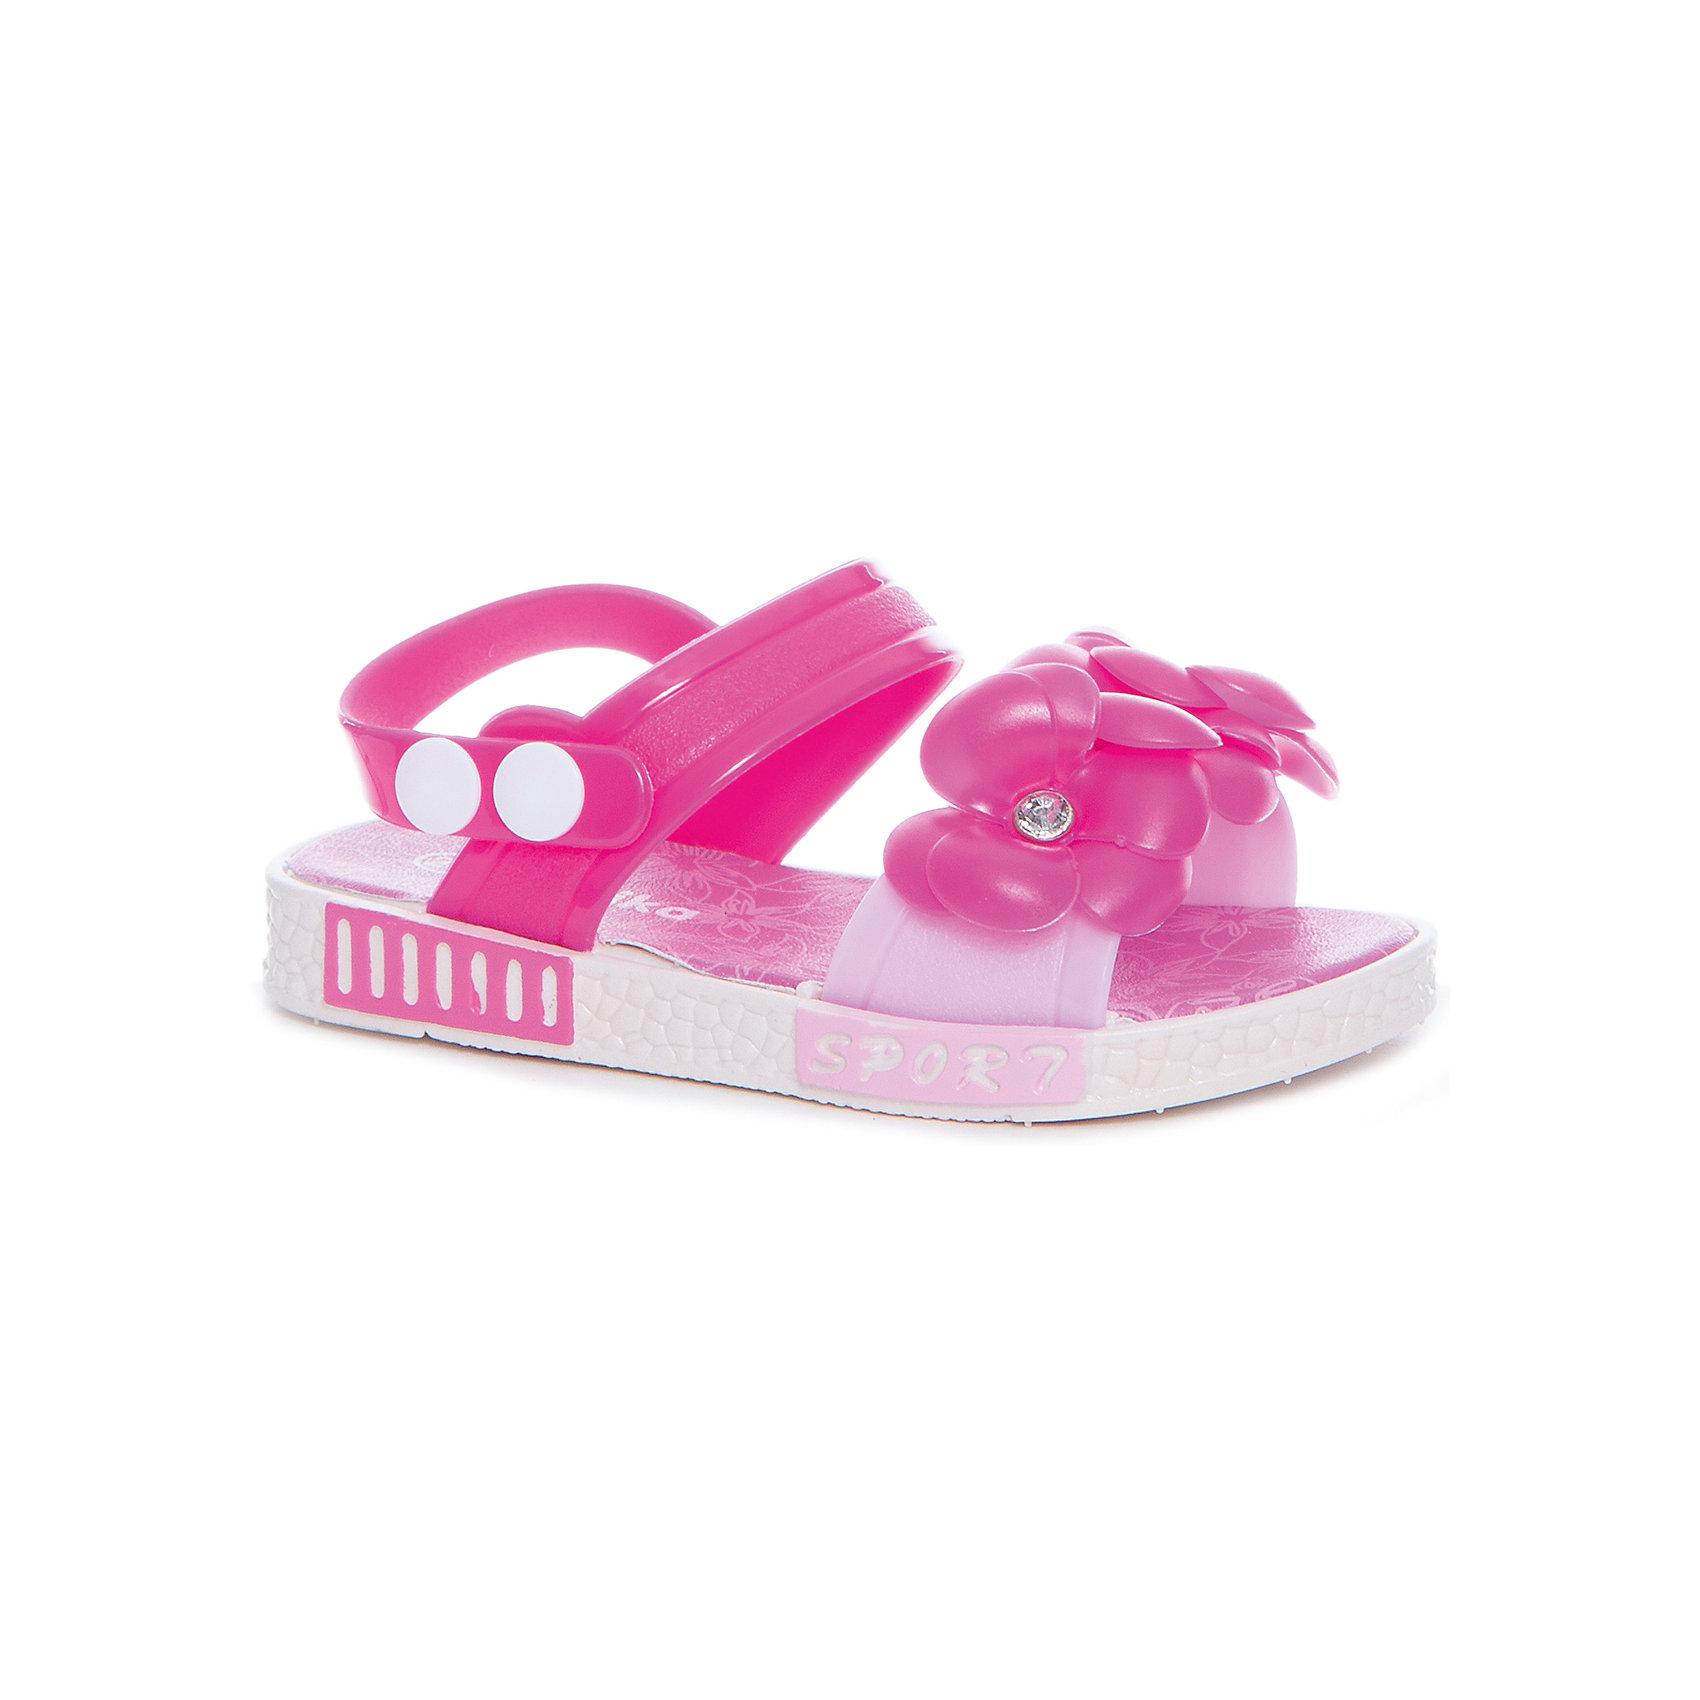 Босоножки для девочки KAPIKA, розовыйБосоножки<br>Характеристики товара:<br><br>• цвет: розовый<br>• внешний материал обуви: ЭВА, ПВХ<br>• внутренний материал: ЭВА<br>• подошва:ЭВА<br>• сезон: лето<br>• тип застежки: на кнопке<br>• декорированы цветами<br>• страна бренда: Россия<br>• страна изготовитель: Китай<br><br>Яркие босоножки Kapika (Капика) можно купить в нашем интернет-магазине.<br><br>Ширина мм: 227<br>Глубина мм: 145<br>Высота мм: 124<br>Вес г: 325<br>Цвет: разноцветный<br>Возраст от месяцев: 48<br>Возраст до месяцев: 60<br>Пол: Женский<br>Возраст: Детский<br>Размер: 28,24,25,26,27<br>SKU: 5324388